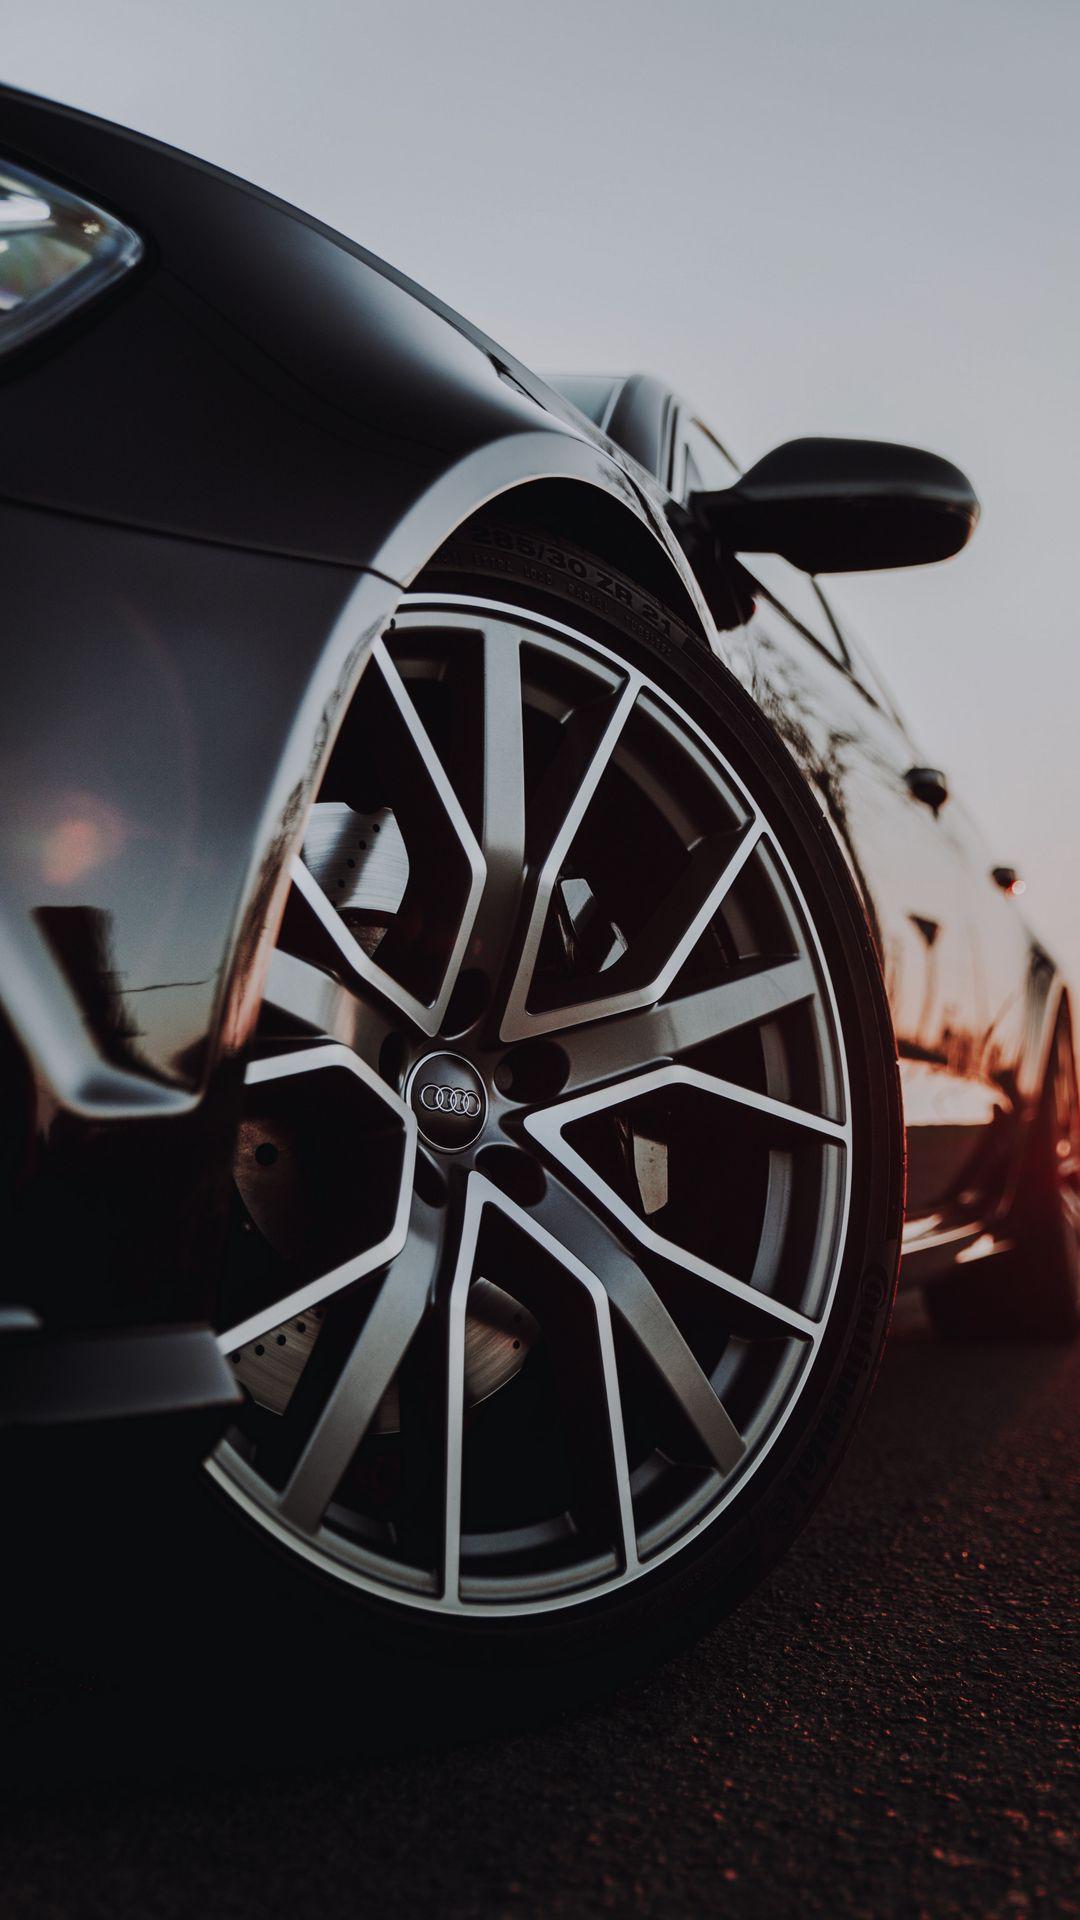 Cool Audi Car Full HD Wallpapers Free Download